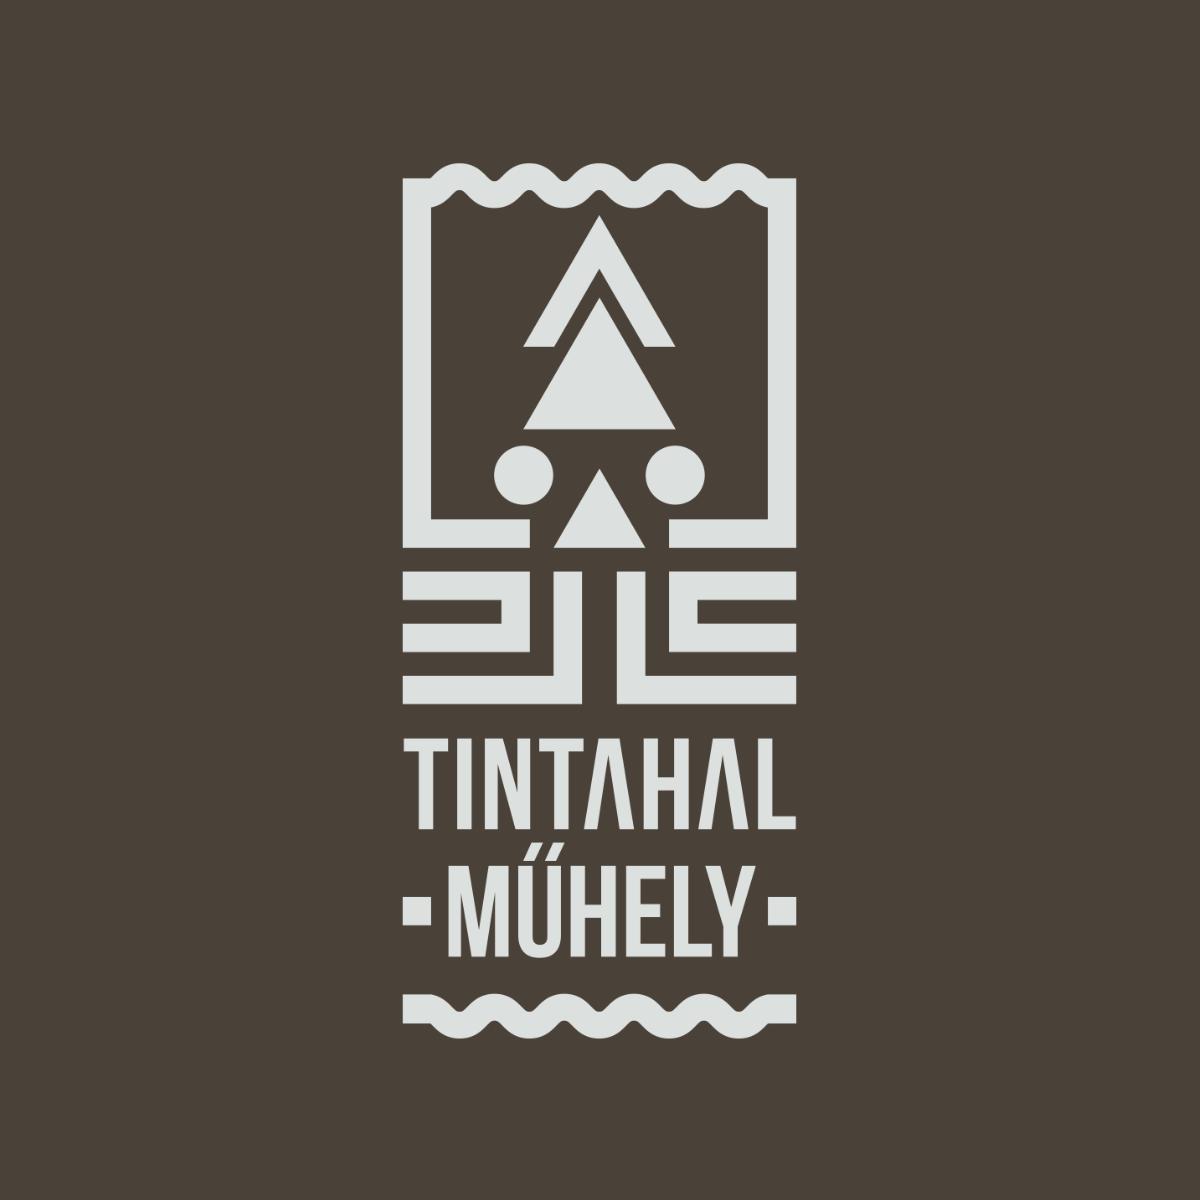 Tintahal Műhely